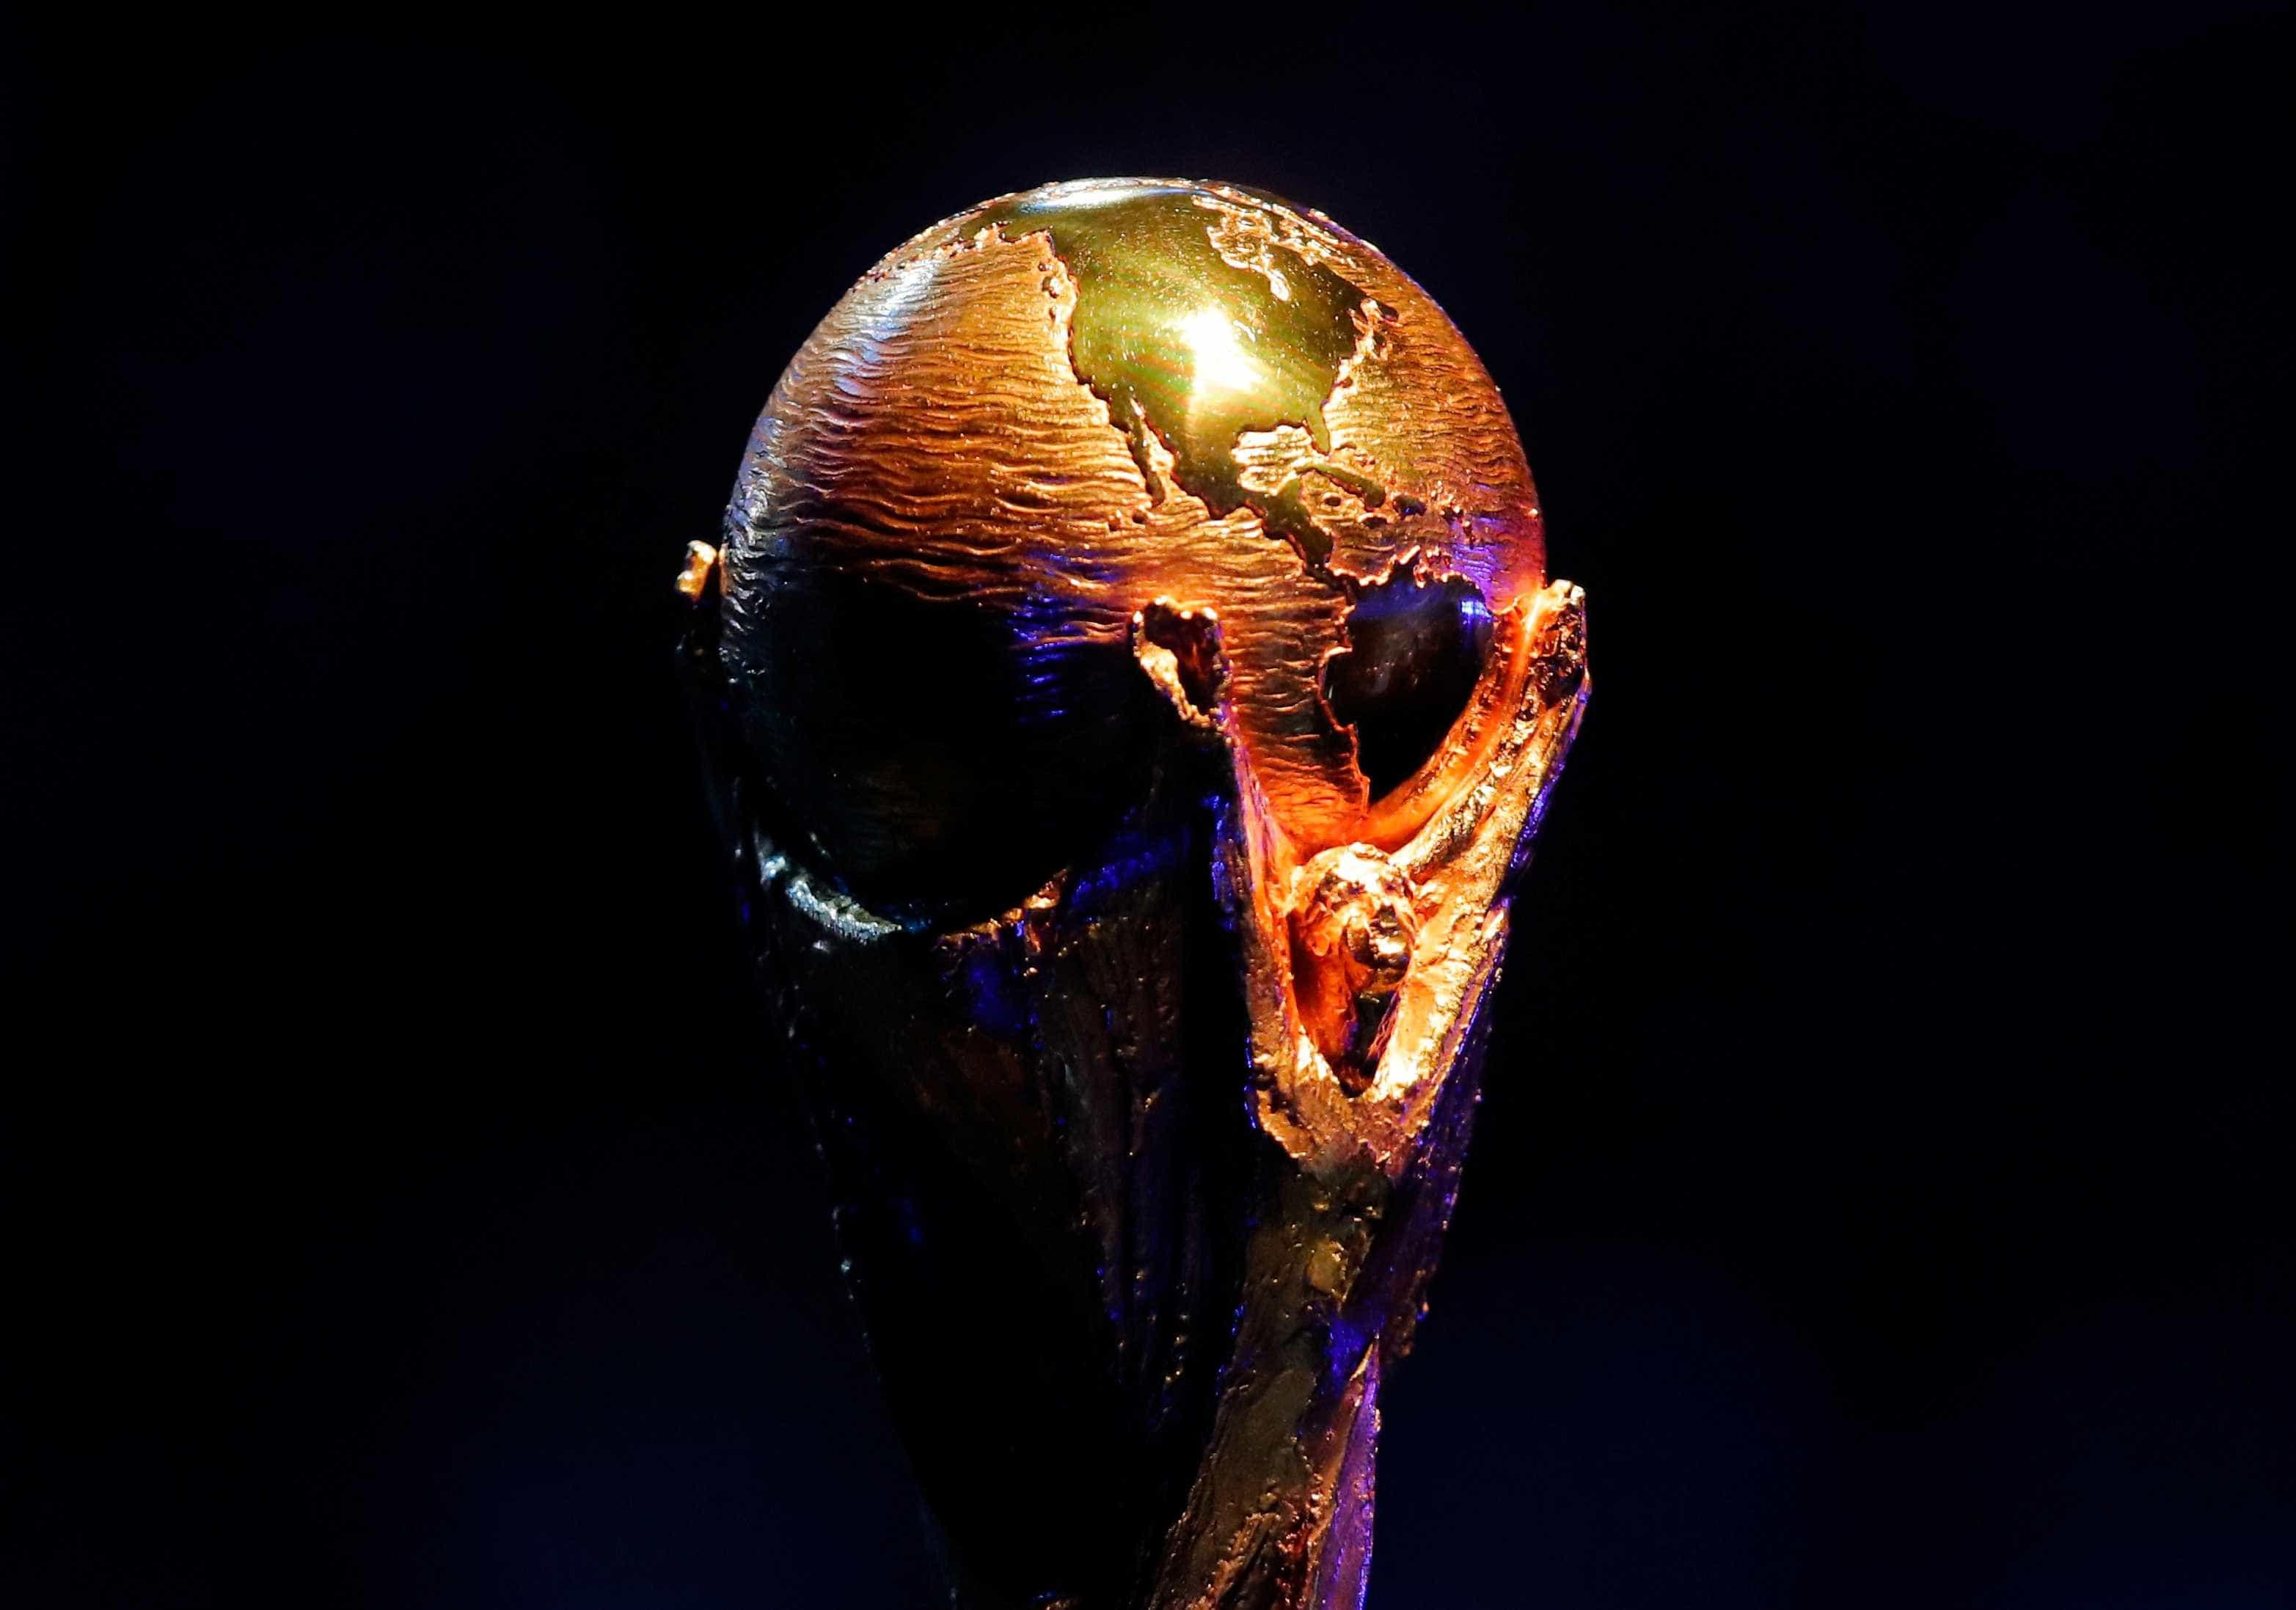 Fifa confirma mais de 4,9 milhões de pedidos por ingressos da Copa